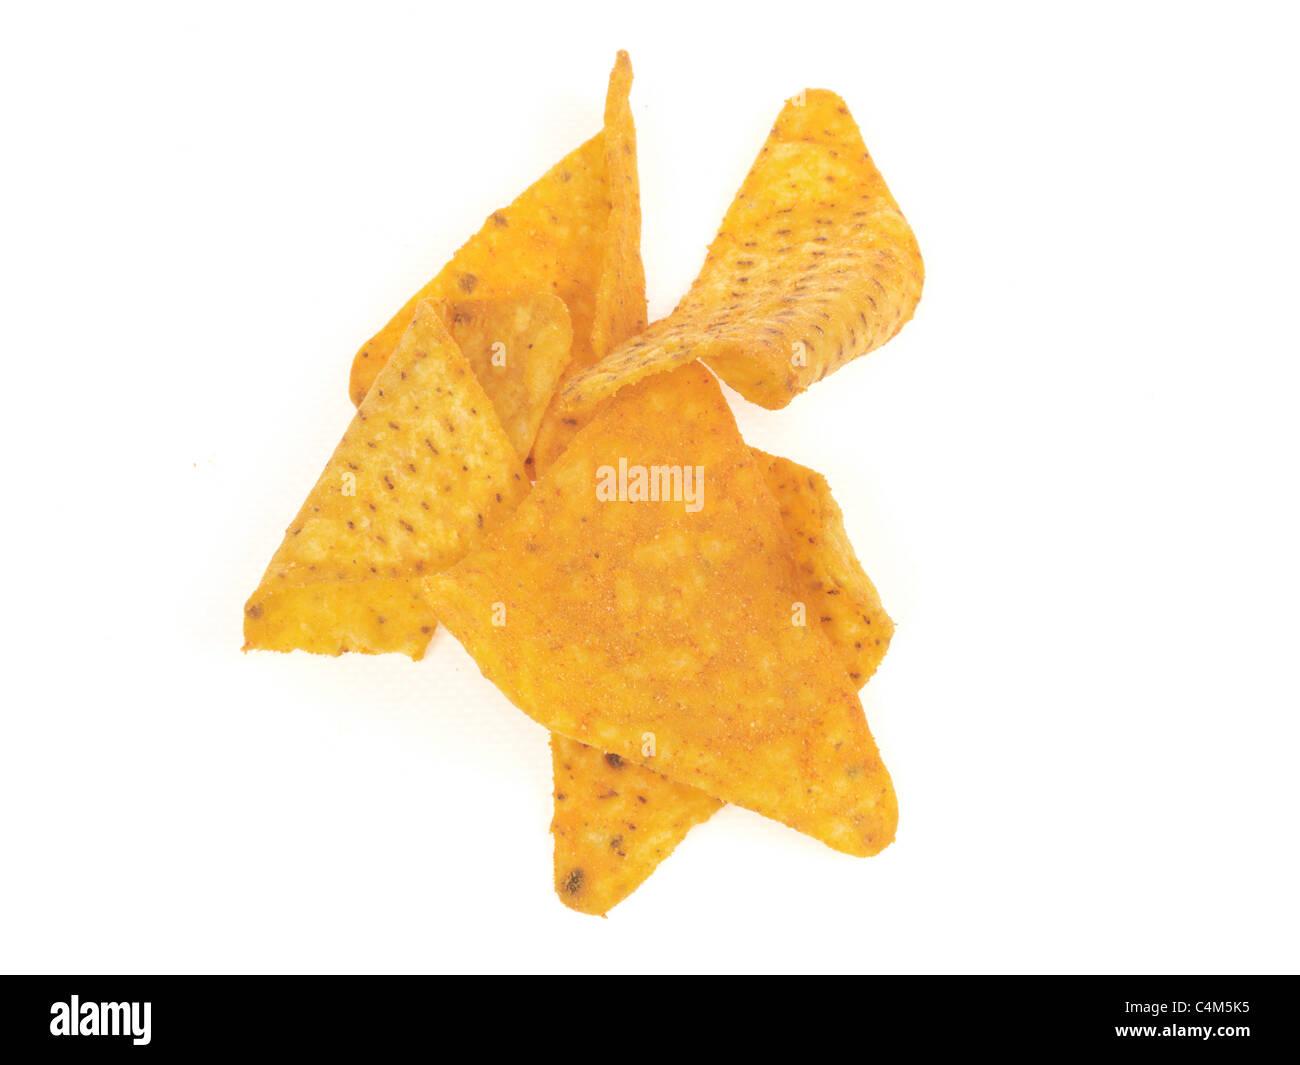 Tangy Cheesy Doritos - Stock Image